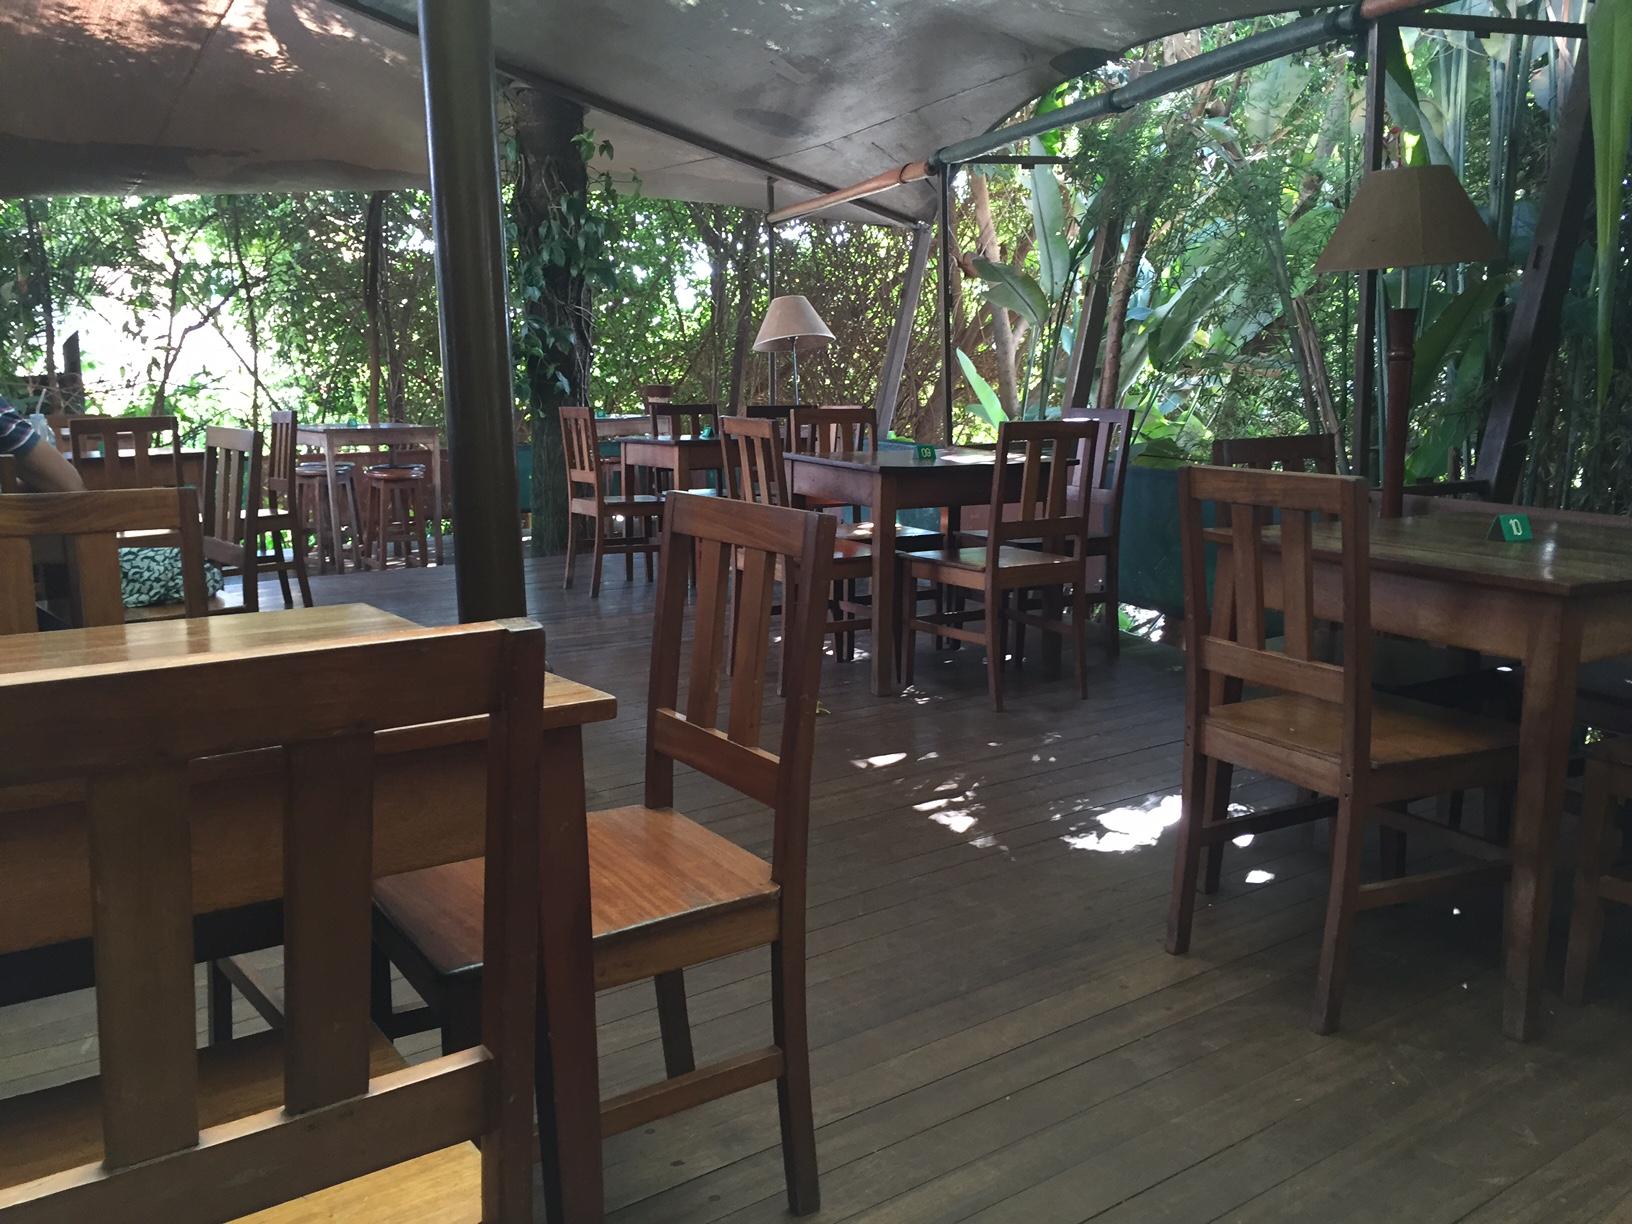 Endiro Café, apparently experiencing a moment of reprieve.